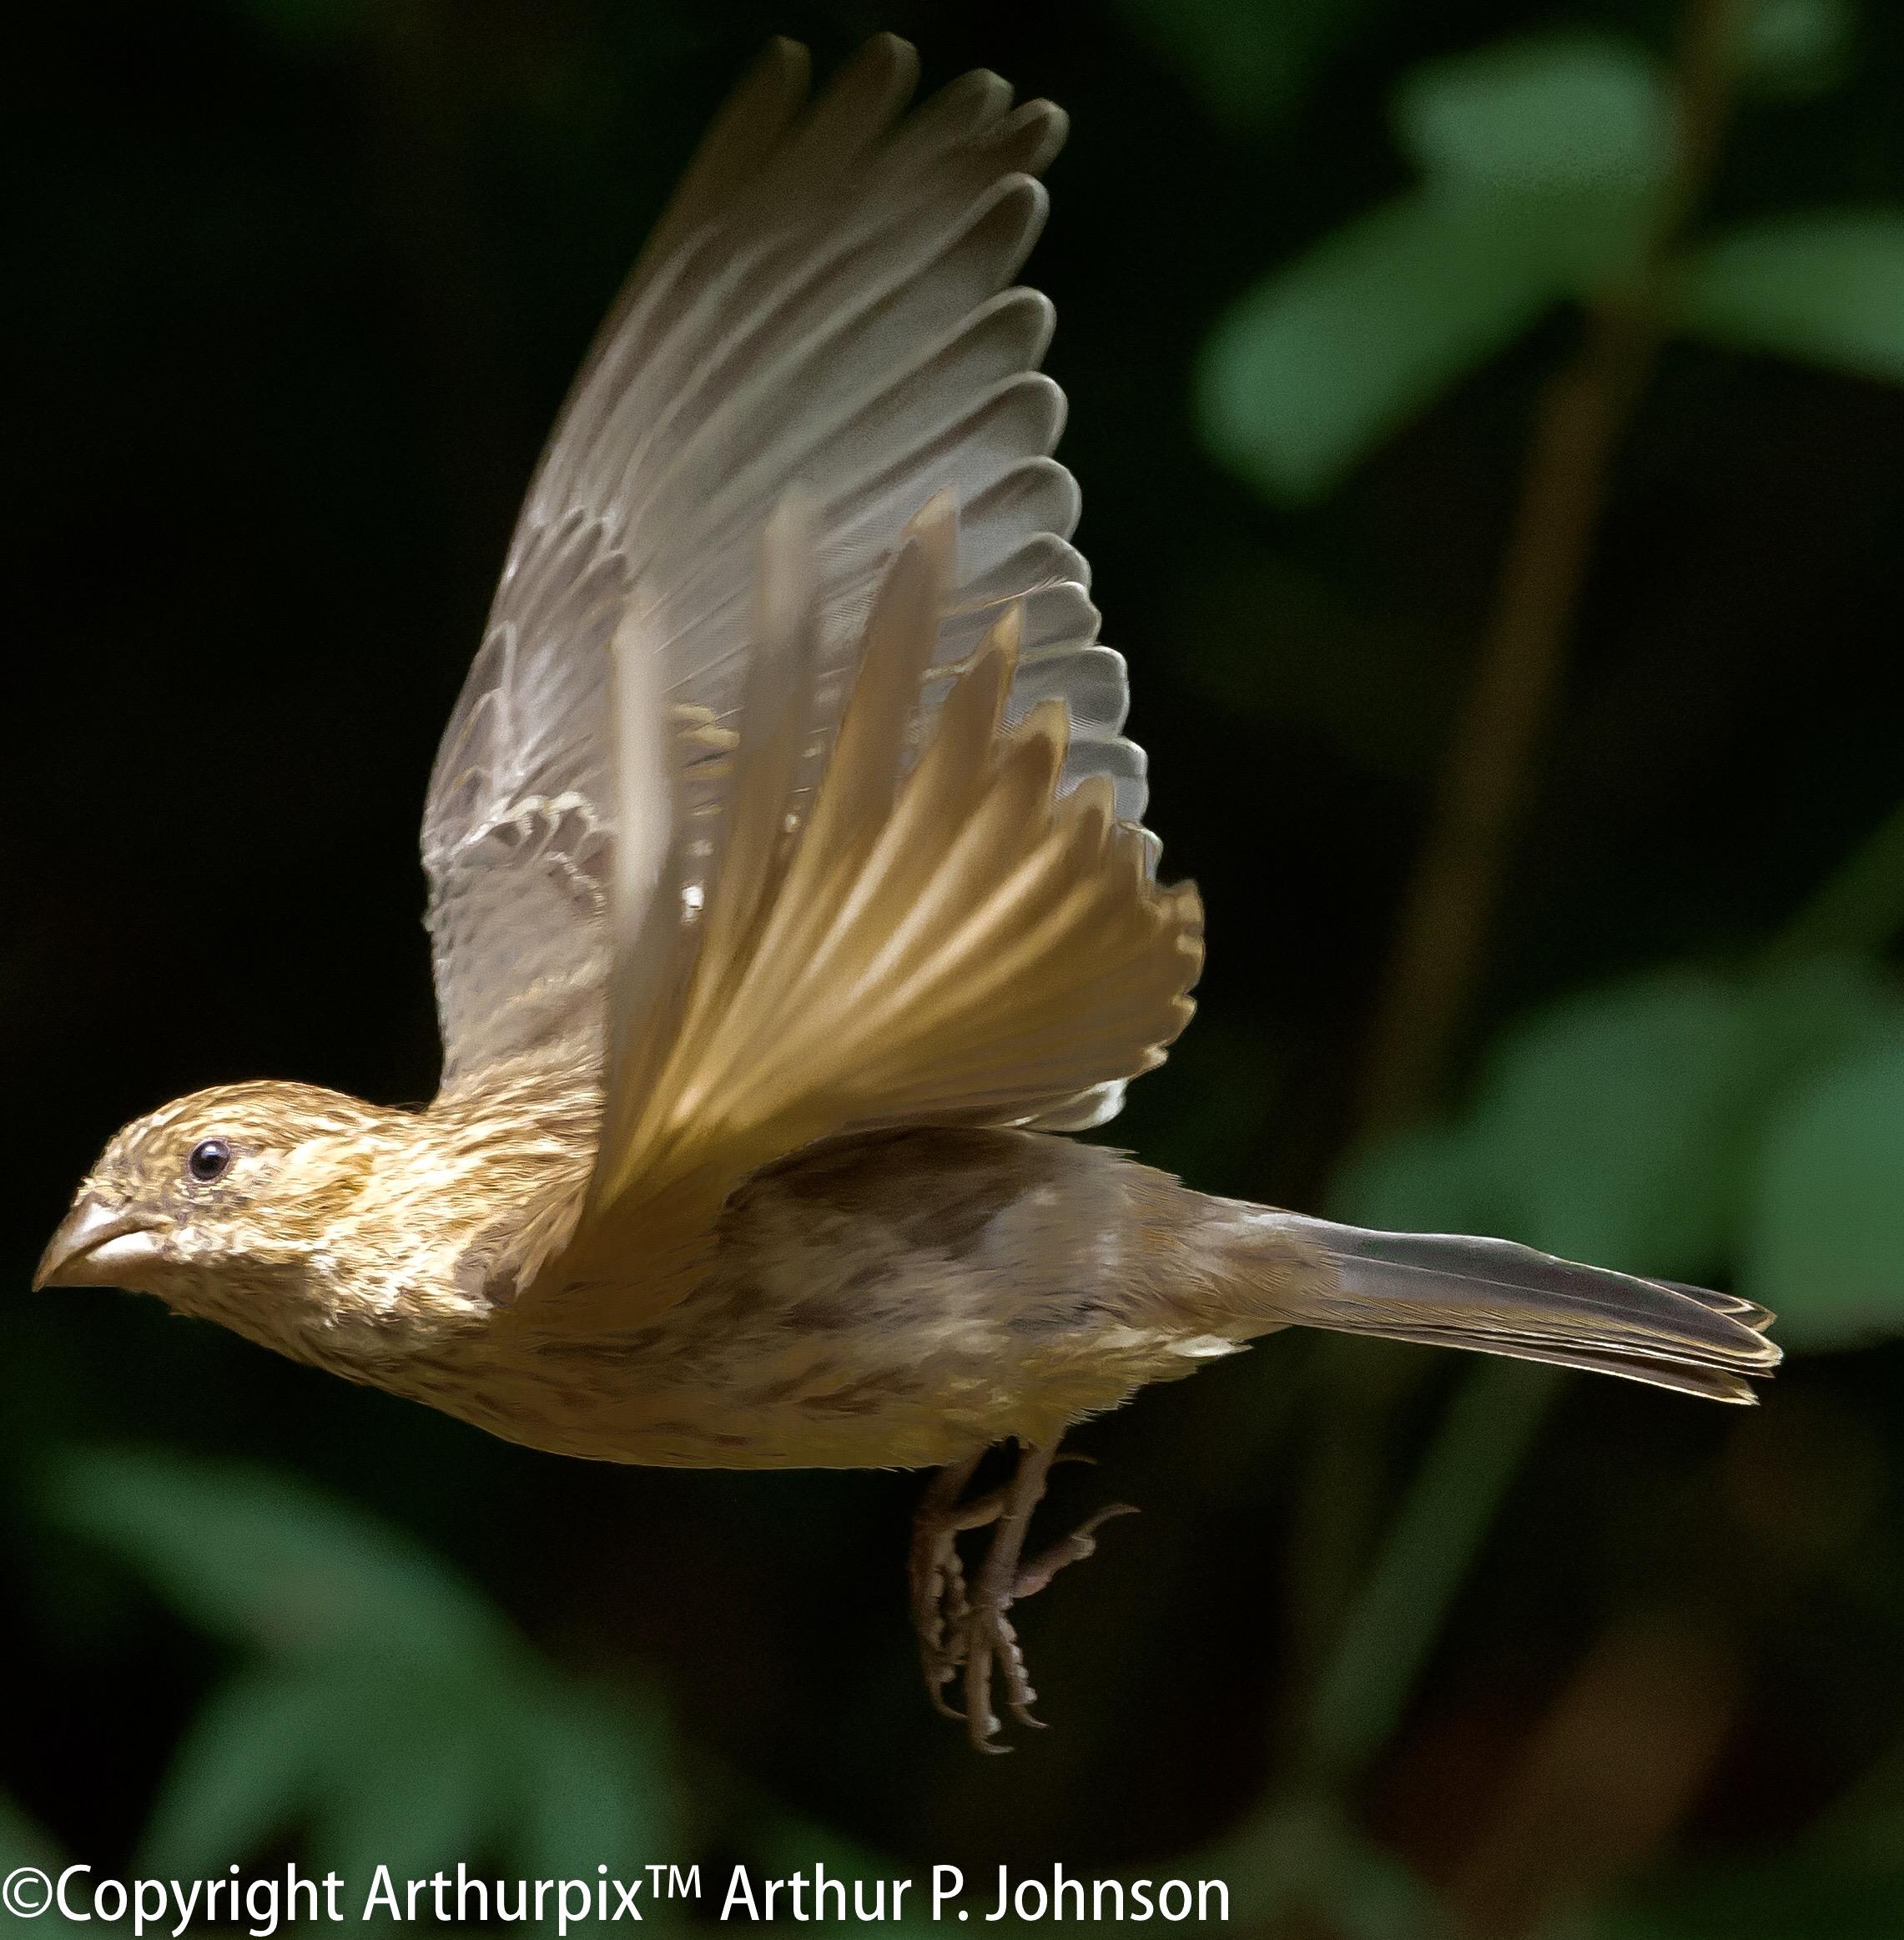 Female House Finch in Flight